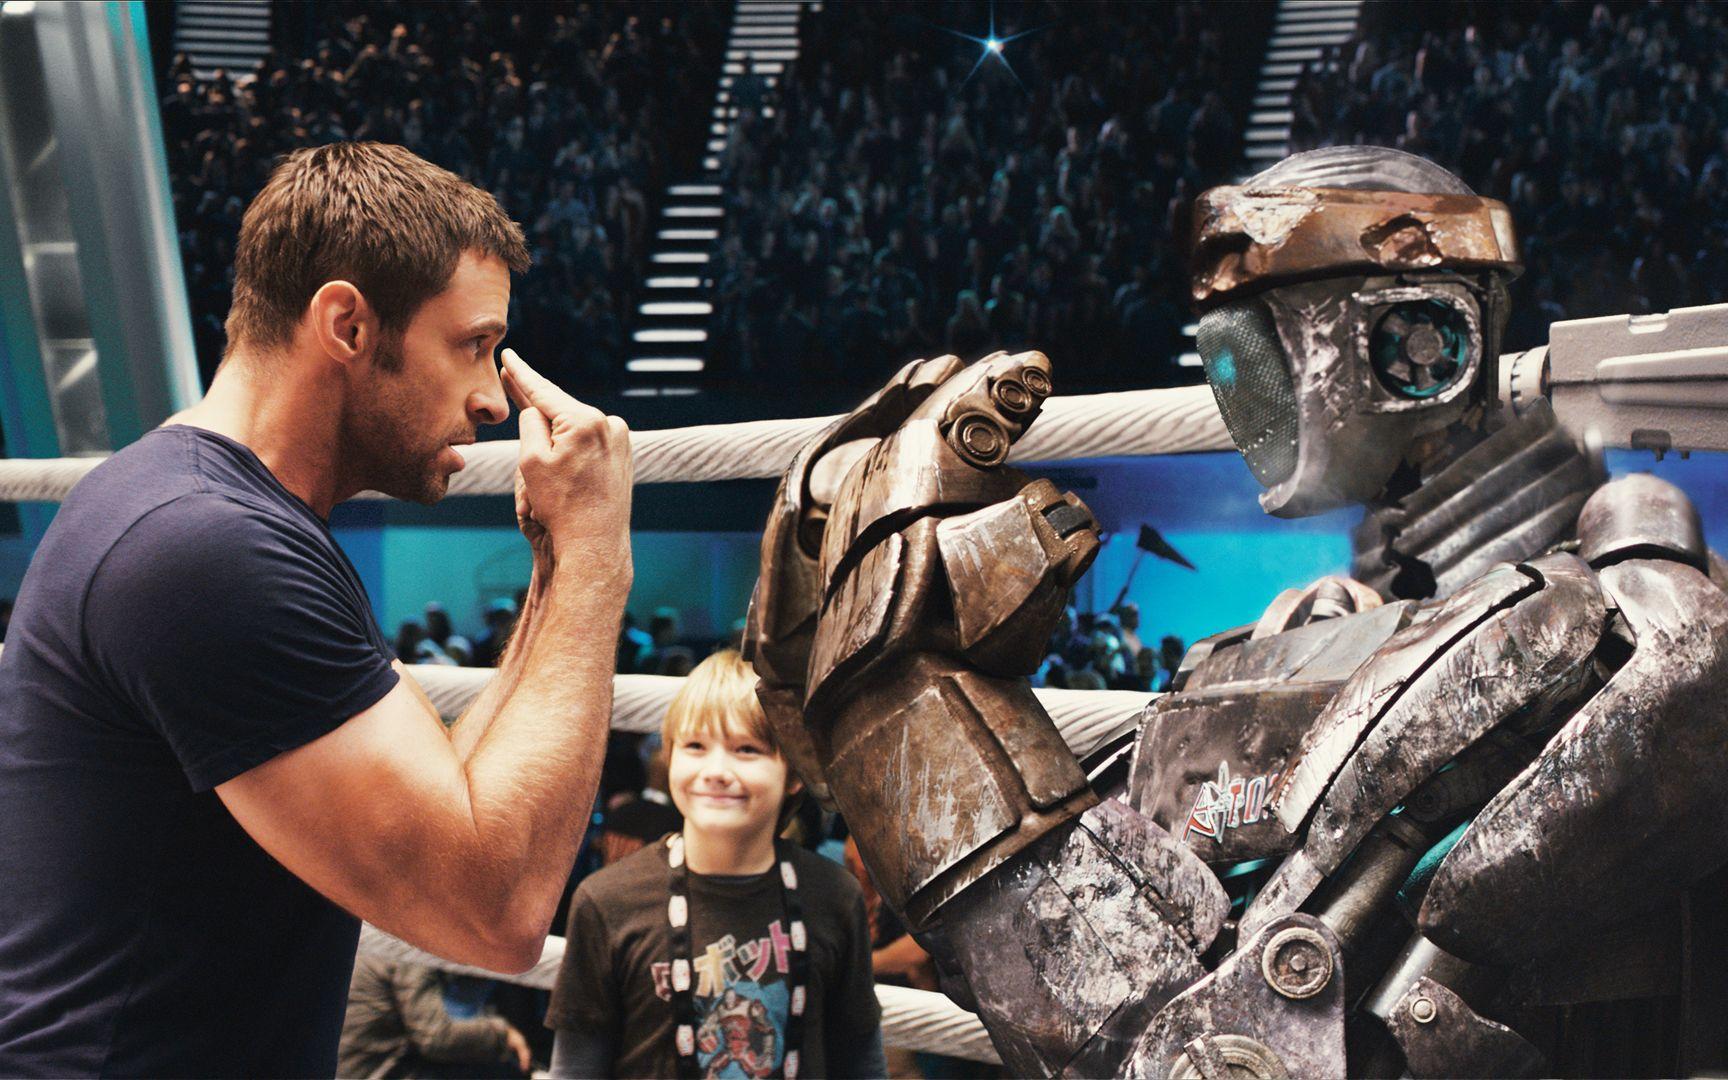 男孩捡到废弃机器人,每天教它练拳击,没想最后逆袭成为擂台霸主